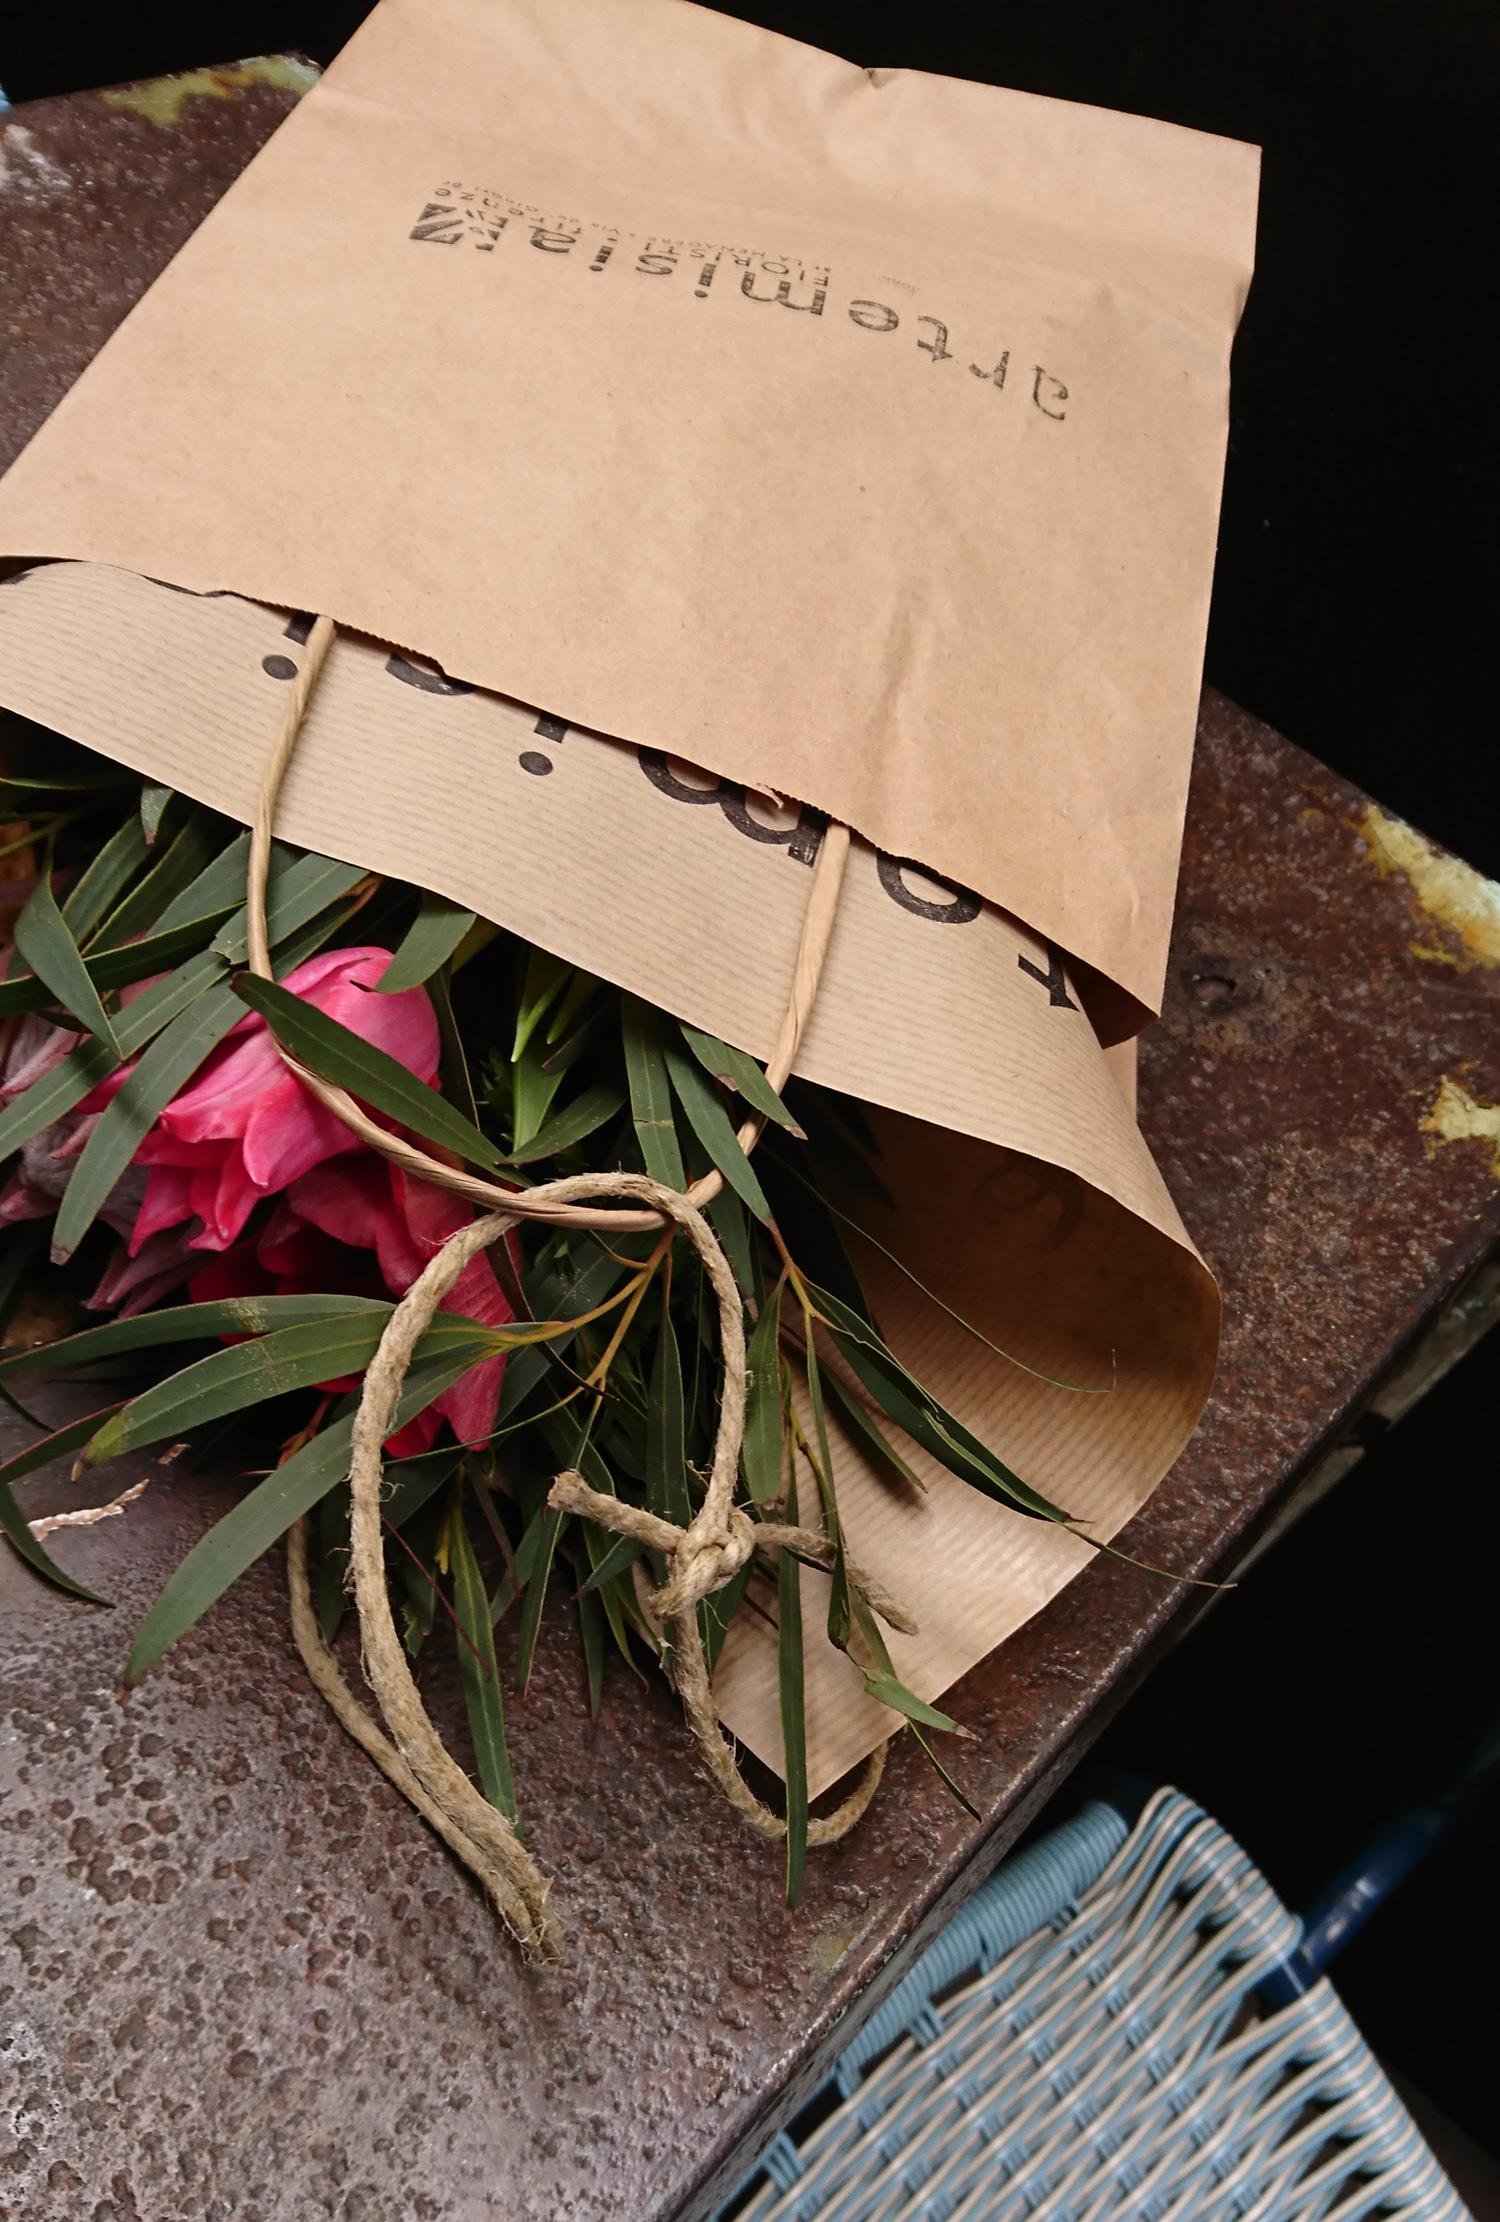 un po' di corda legata ai manici del sacchetto e il love-bouquet diventa prêt-à-porter | ©foto Strutturafine